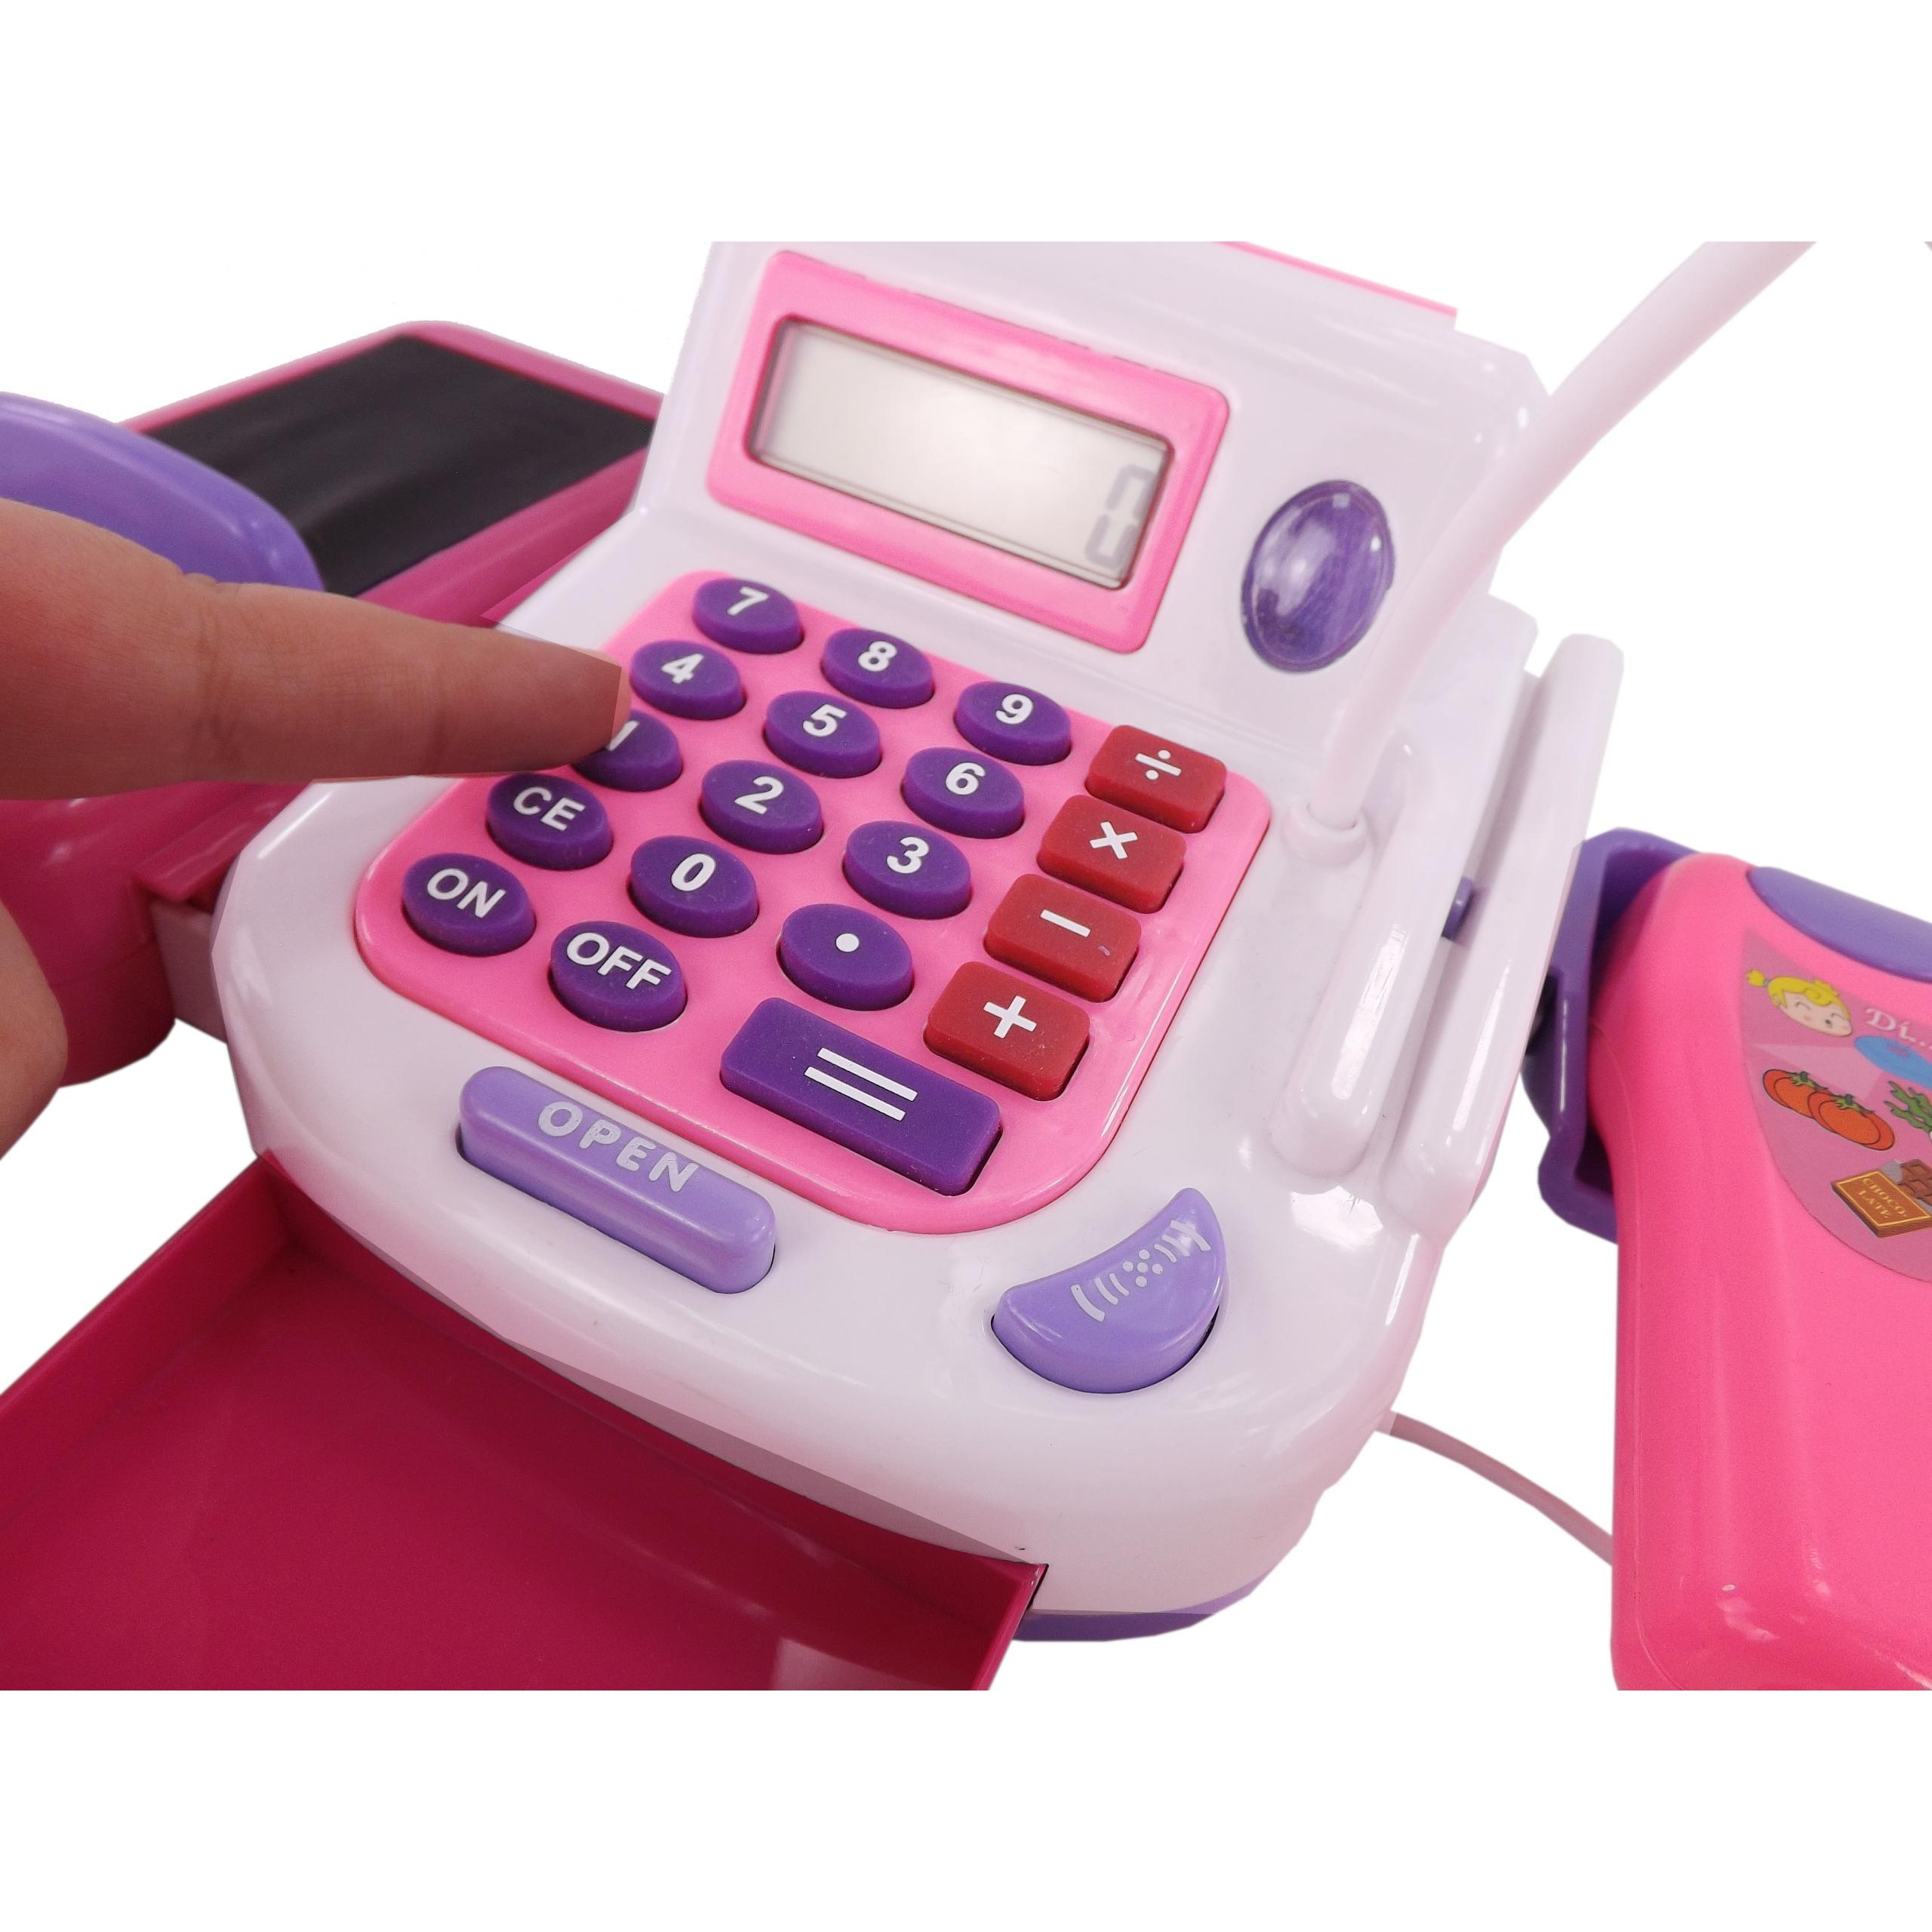 DUŻY ZESTAW ! KASA SKLEPOWA KOSZYK kalkulator 23F Waga (z opakowaniem) 1.3 kg